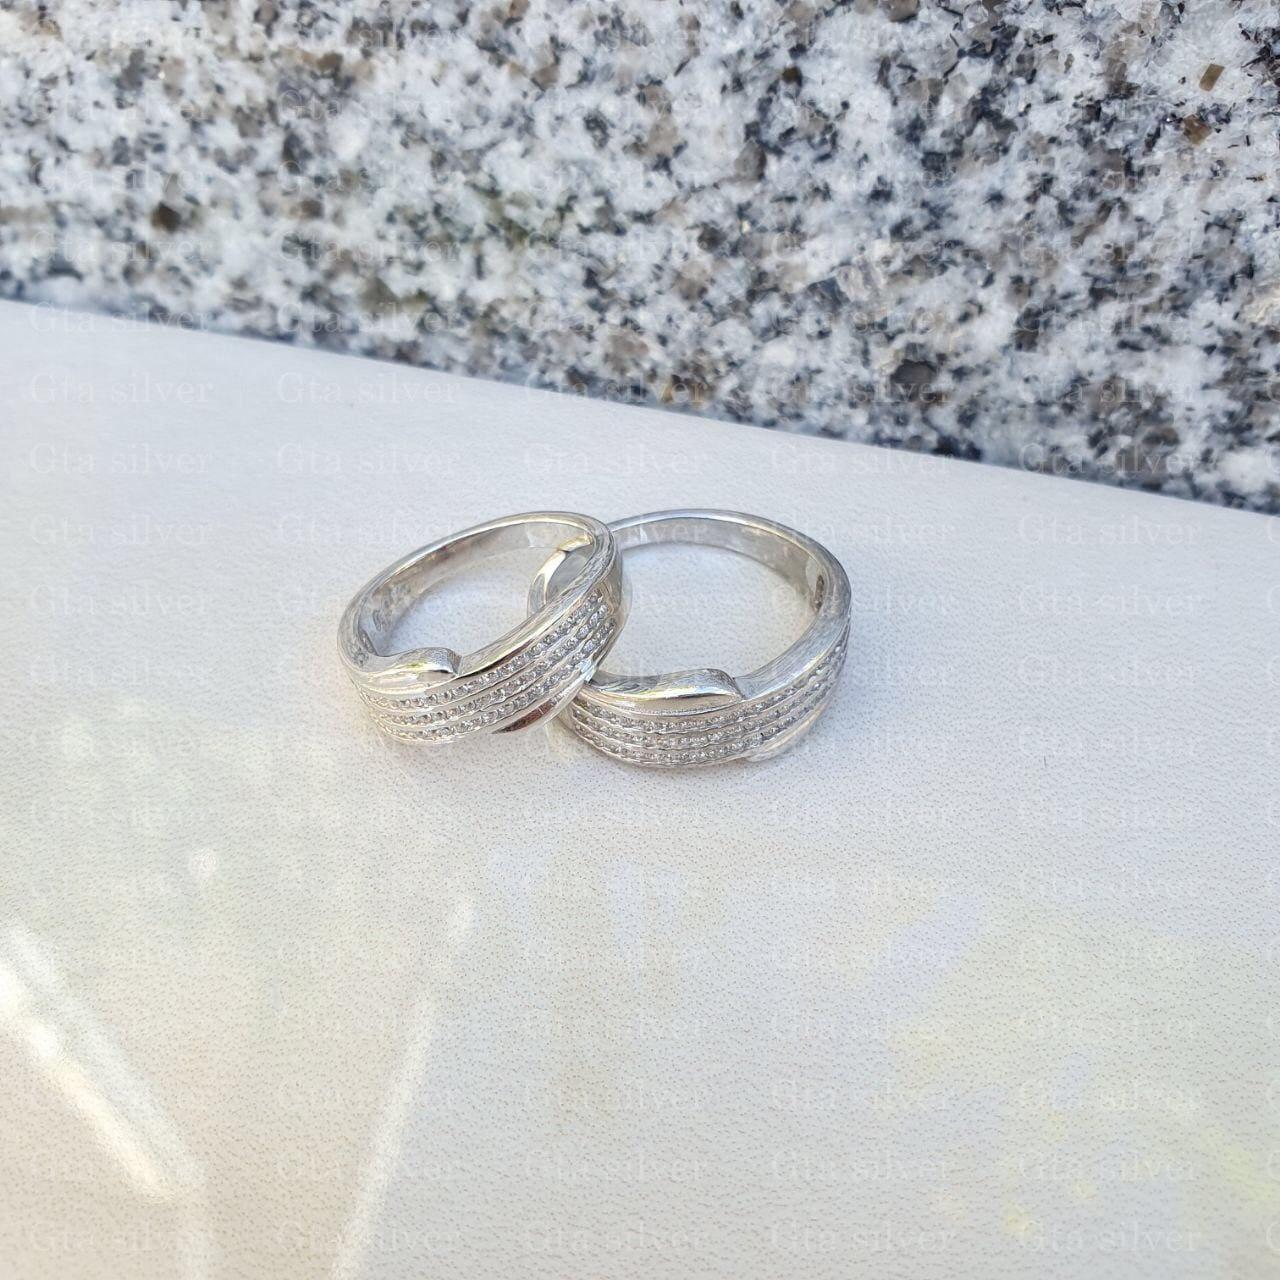 ست حلقه ازدواج وزن 8.5 گرم مدل 13